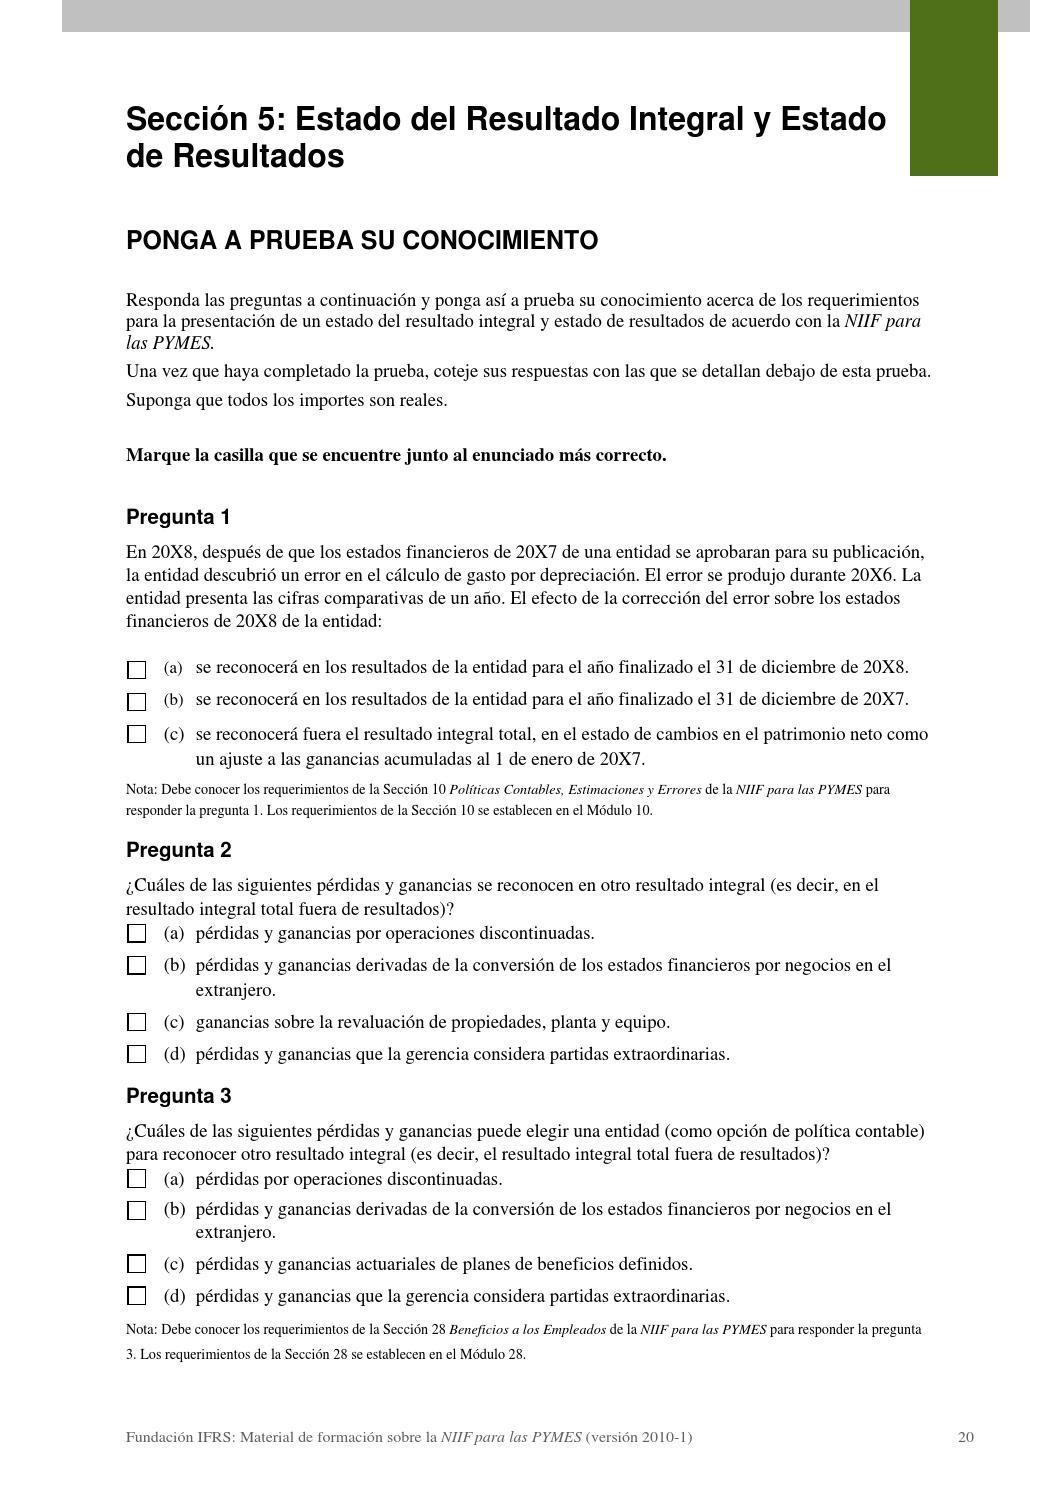 Modulo 05 Estado Del Resultado Integral Y Estado De Resultados By Edu Gonzalez Palomino Issuu